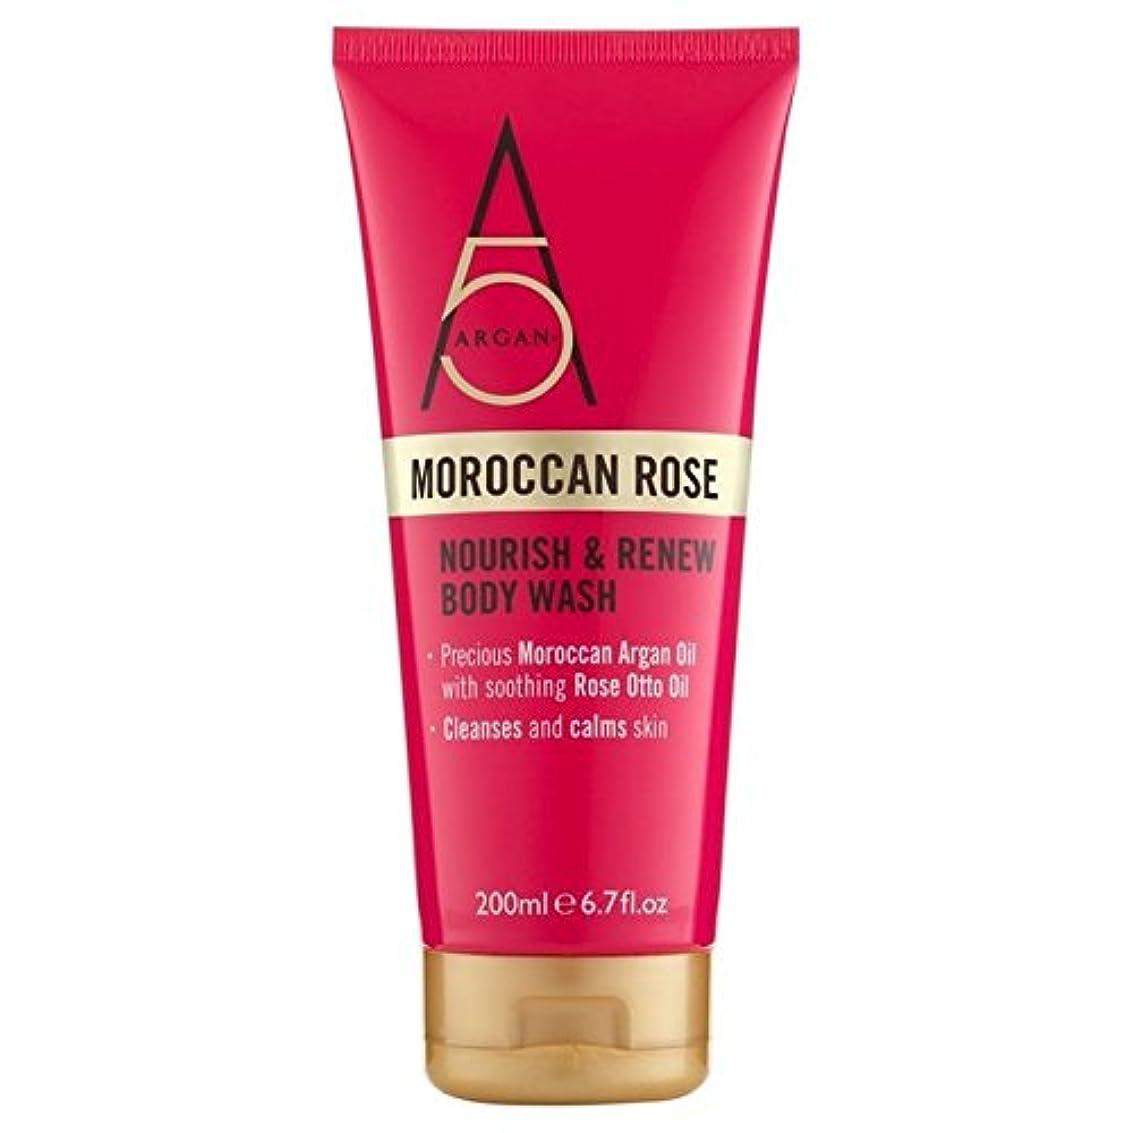 対応溶接殉教者Argan+ Moroccan Rose Body Wash 300ml - アルガン+モロッコは、ボディウォッシュ300ミリリットルをバラ [並行輸入品]